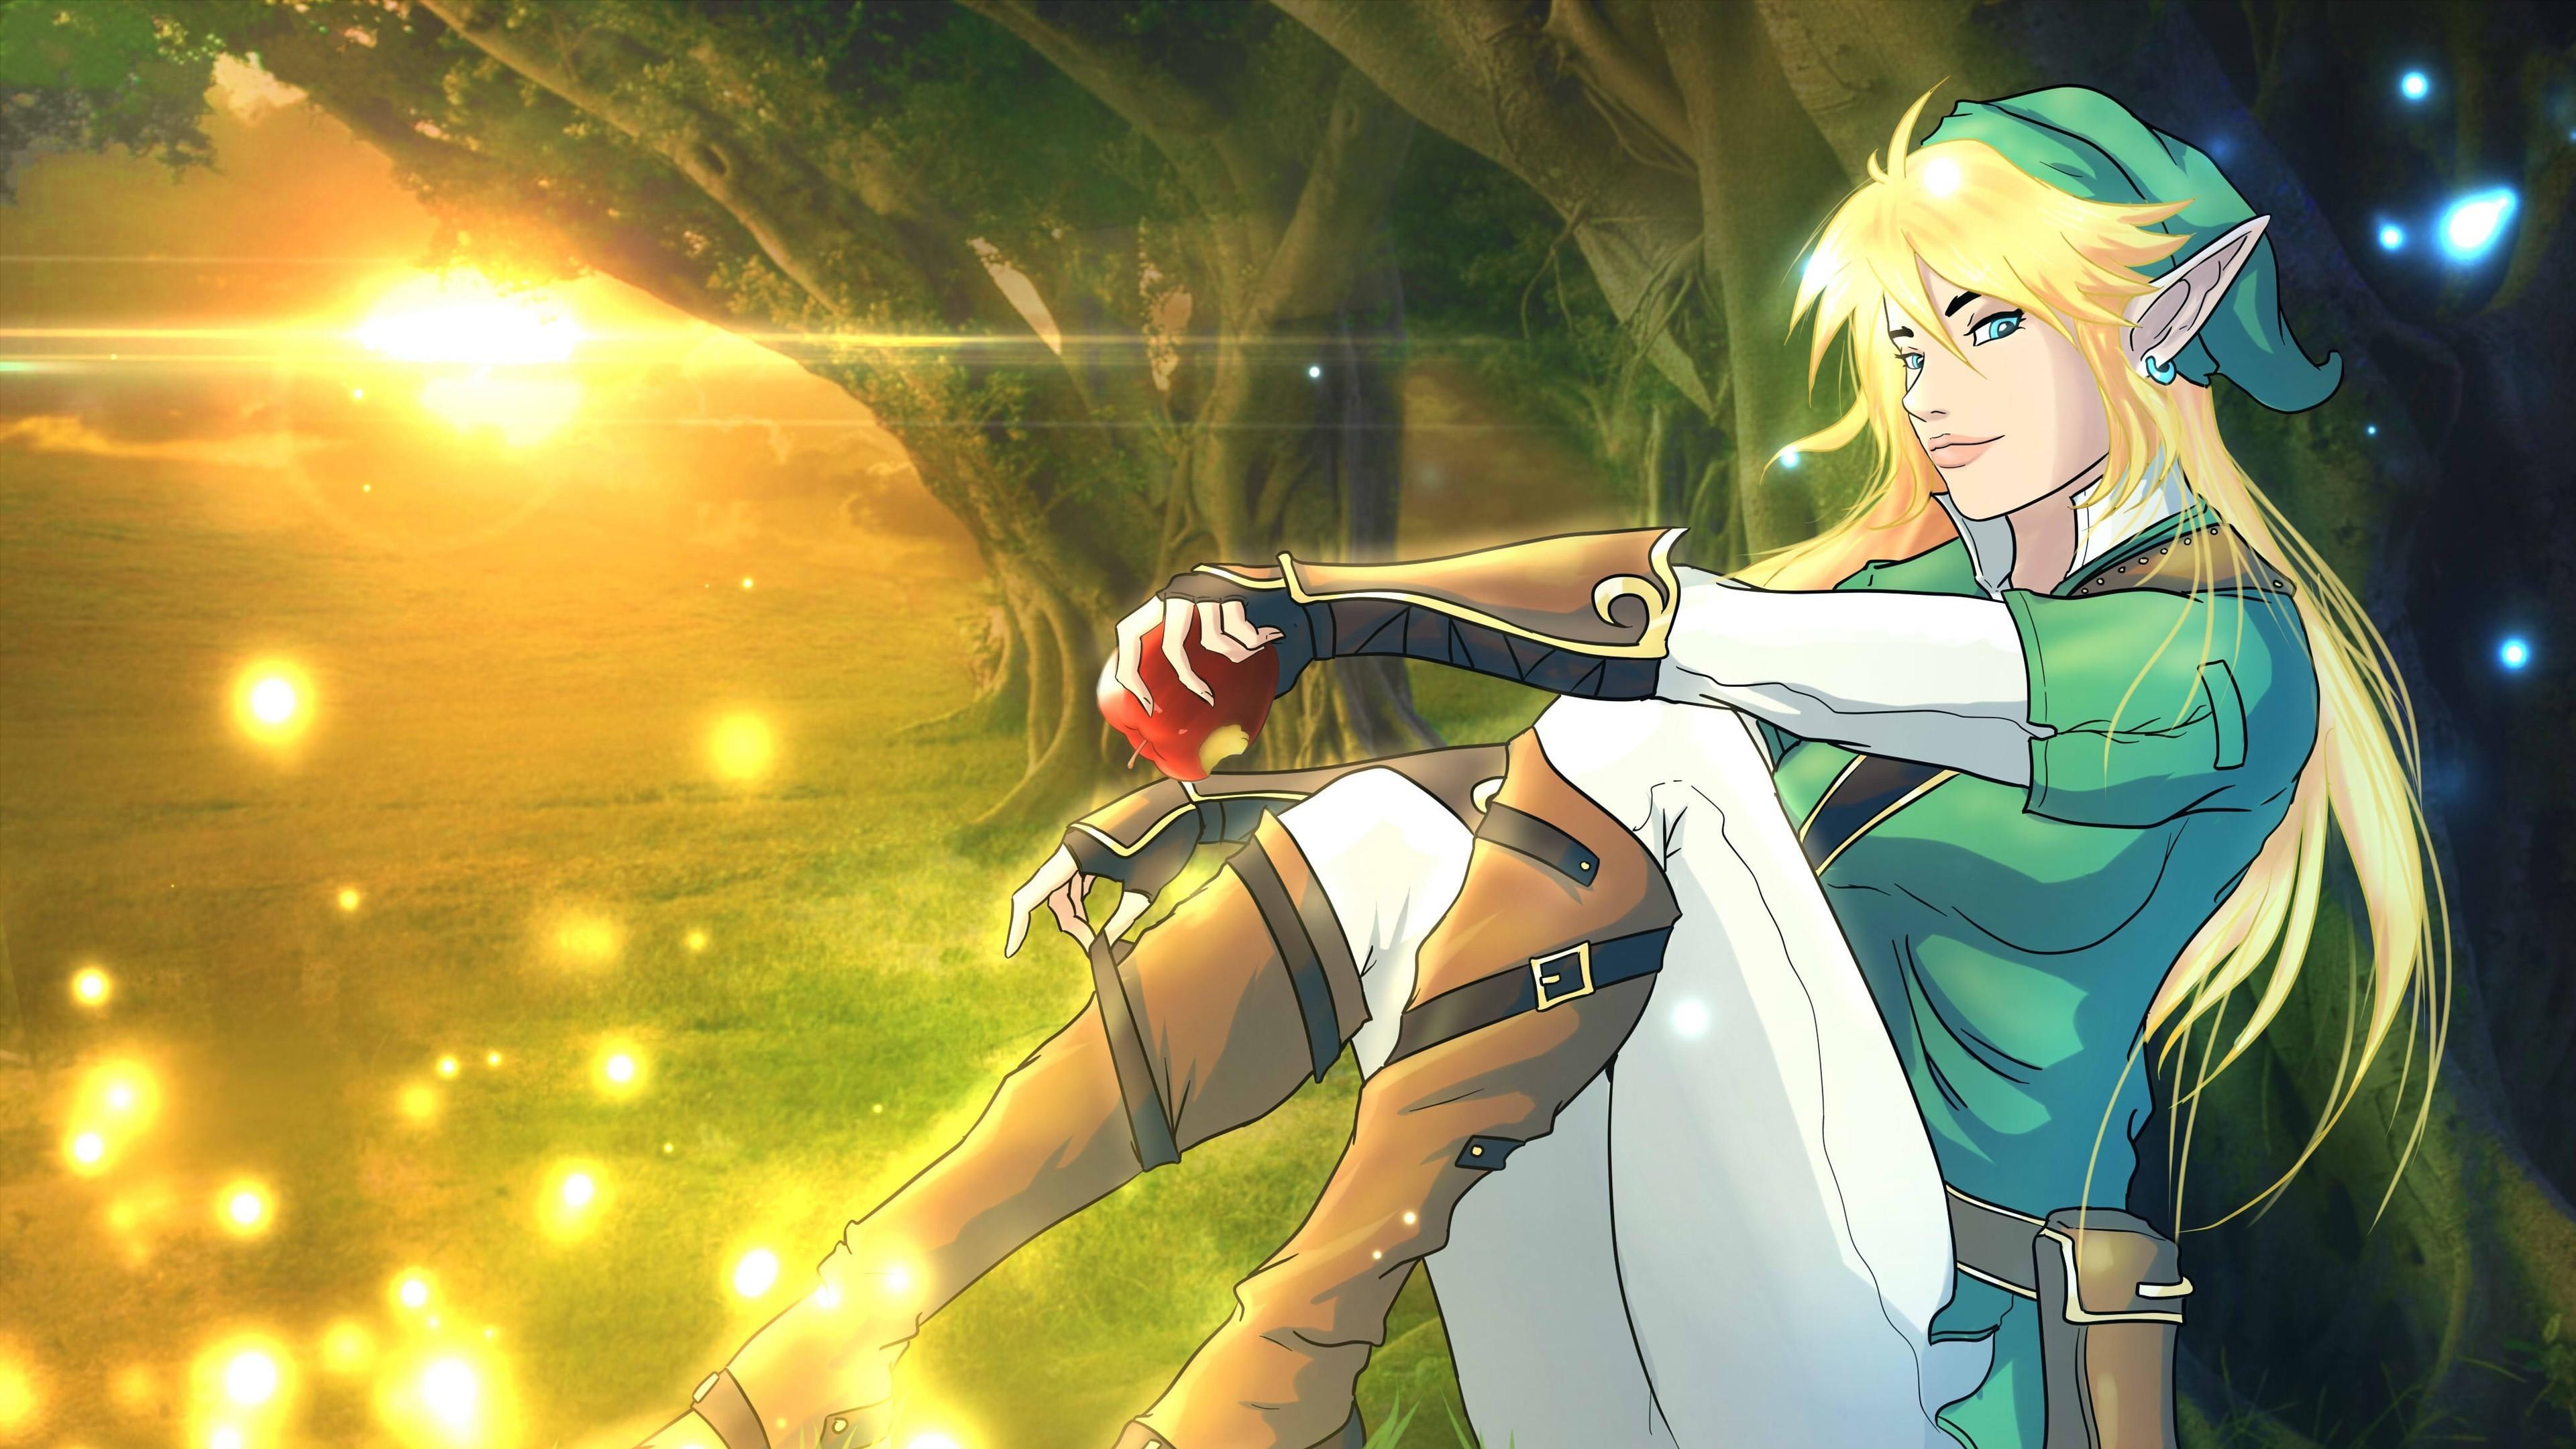 Zelda Link Wallpaper (75+ pictures)